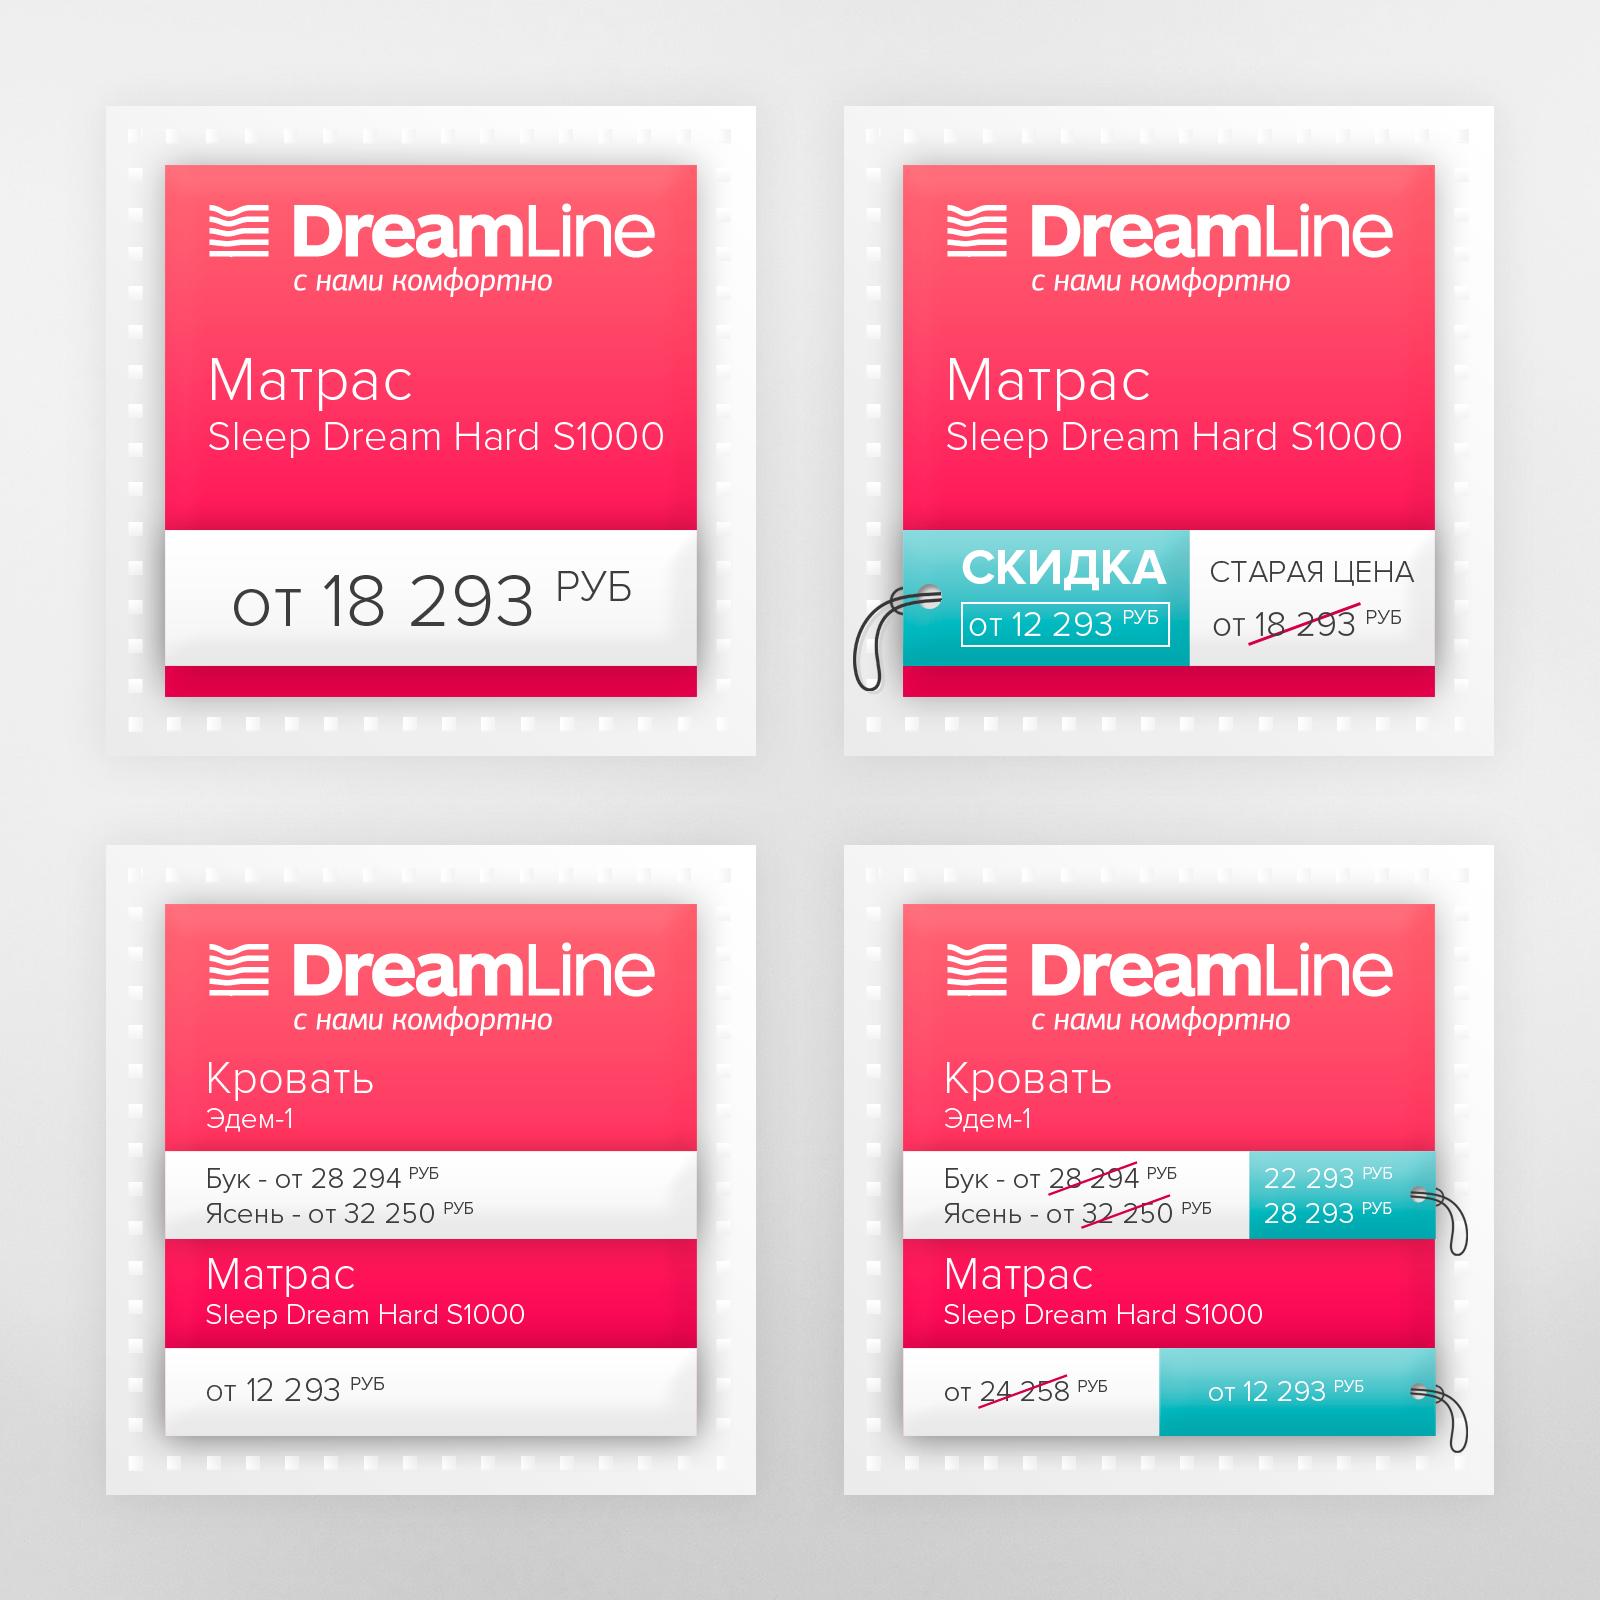 DreamLine ценники